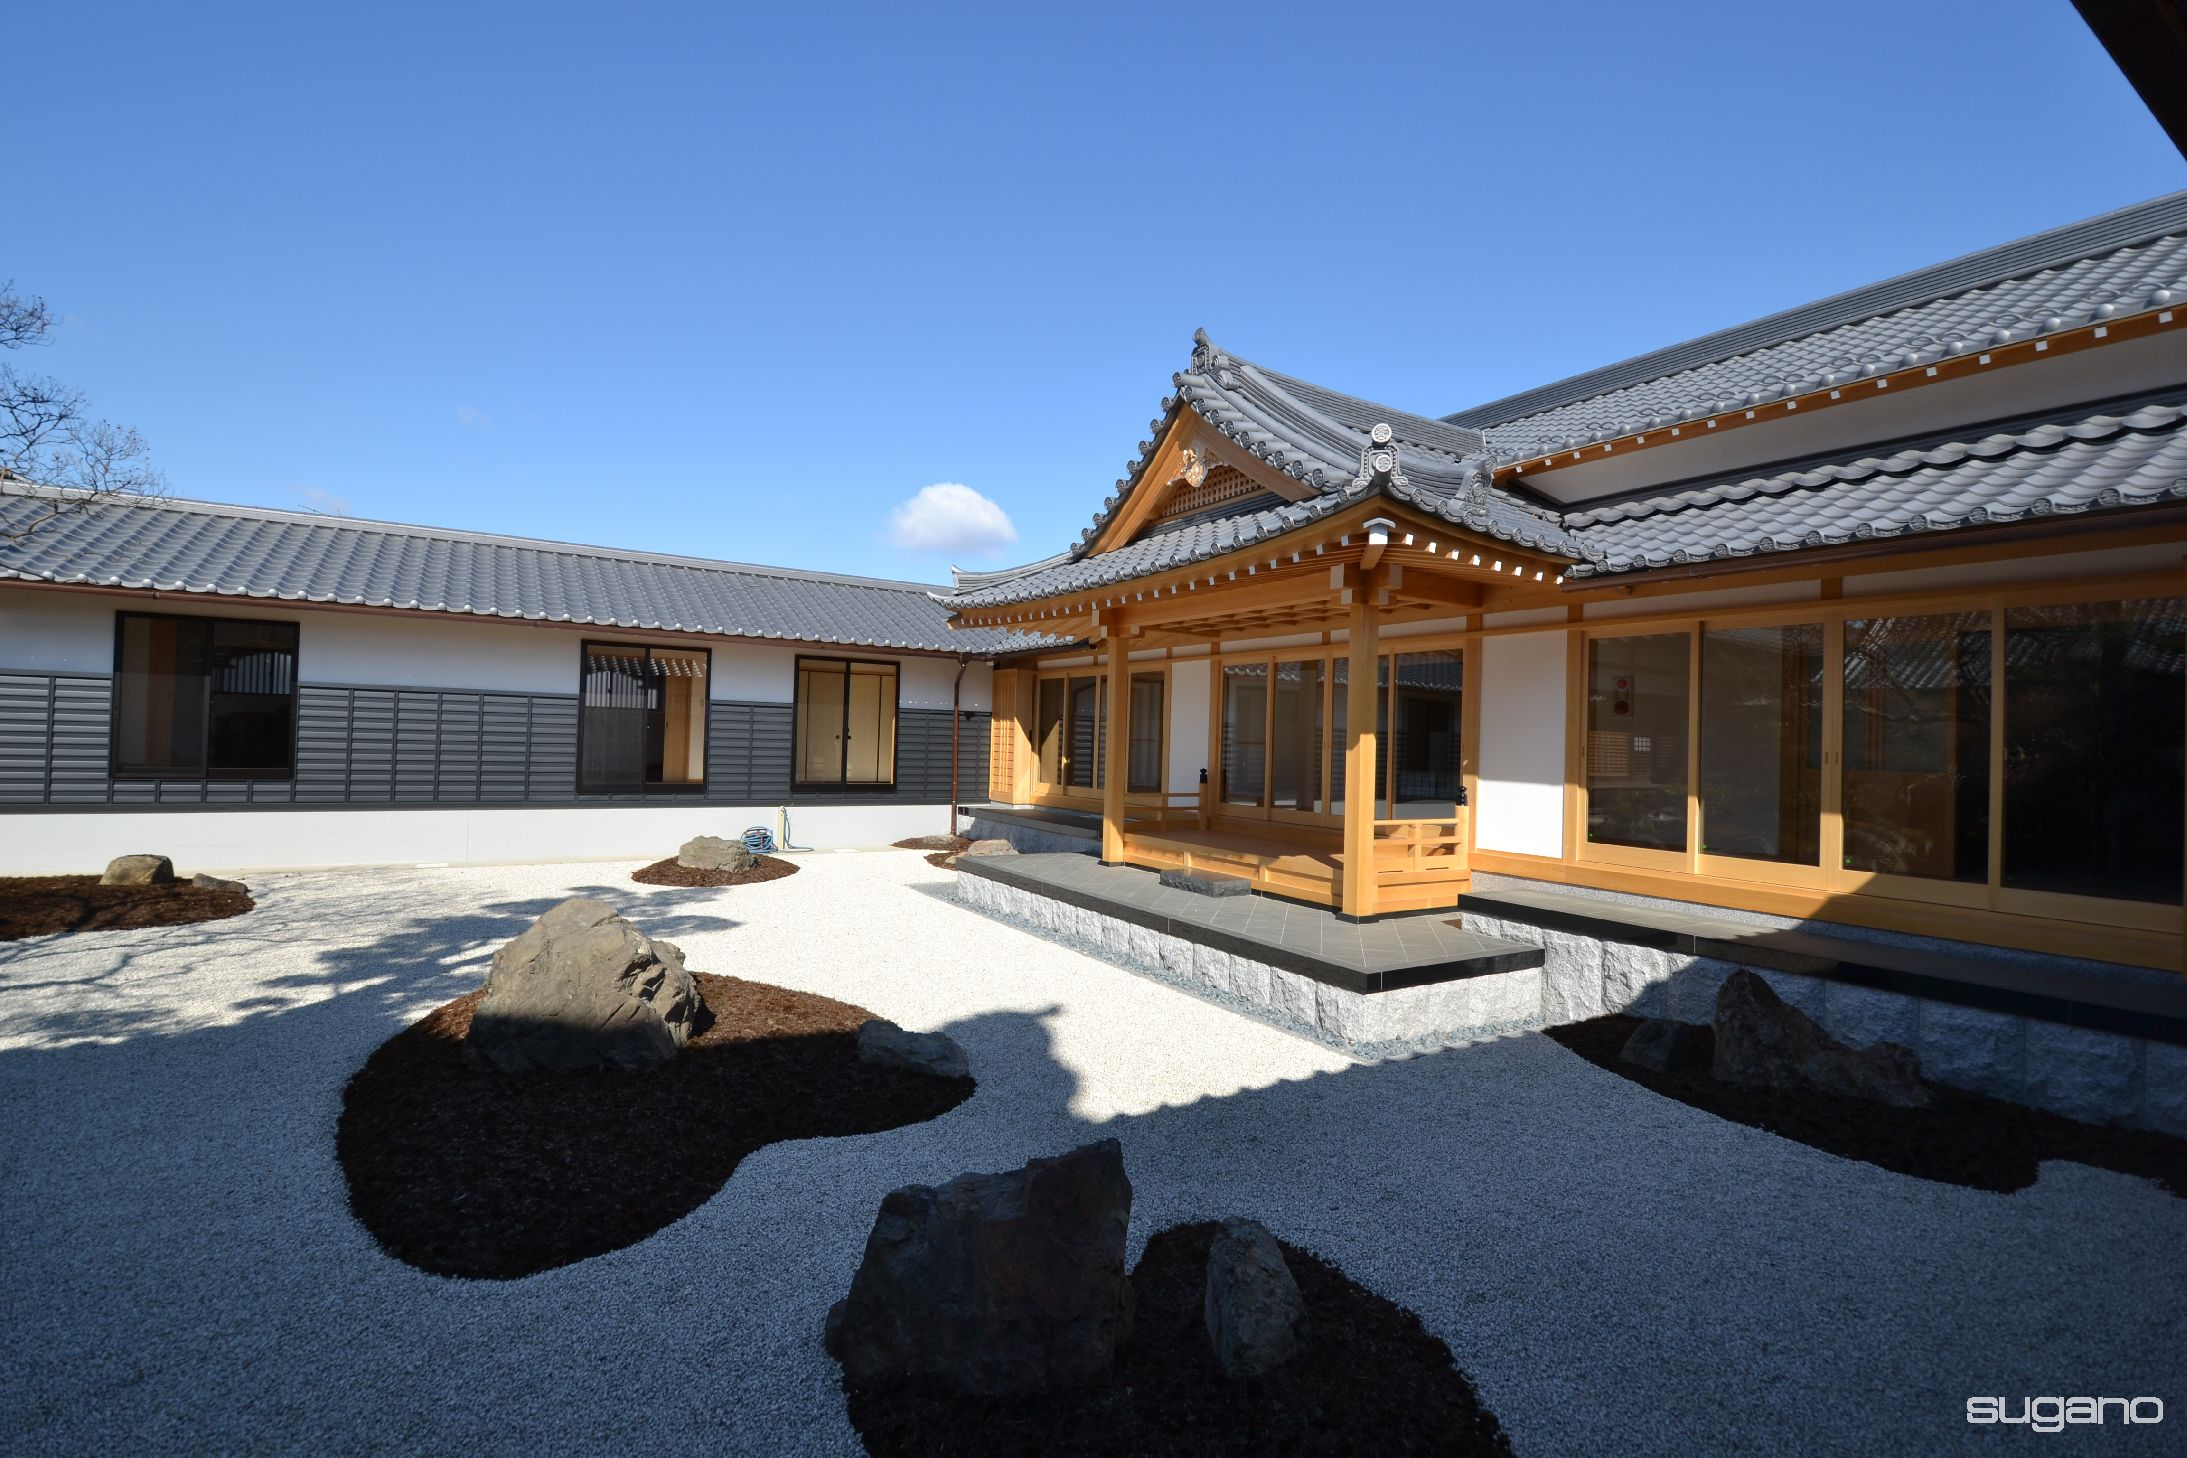 寺 和風建築 Japanese Architecture 寺院 建築写真 寺社仏閣